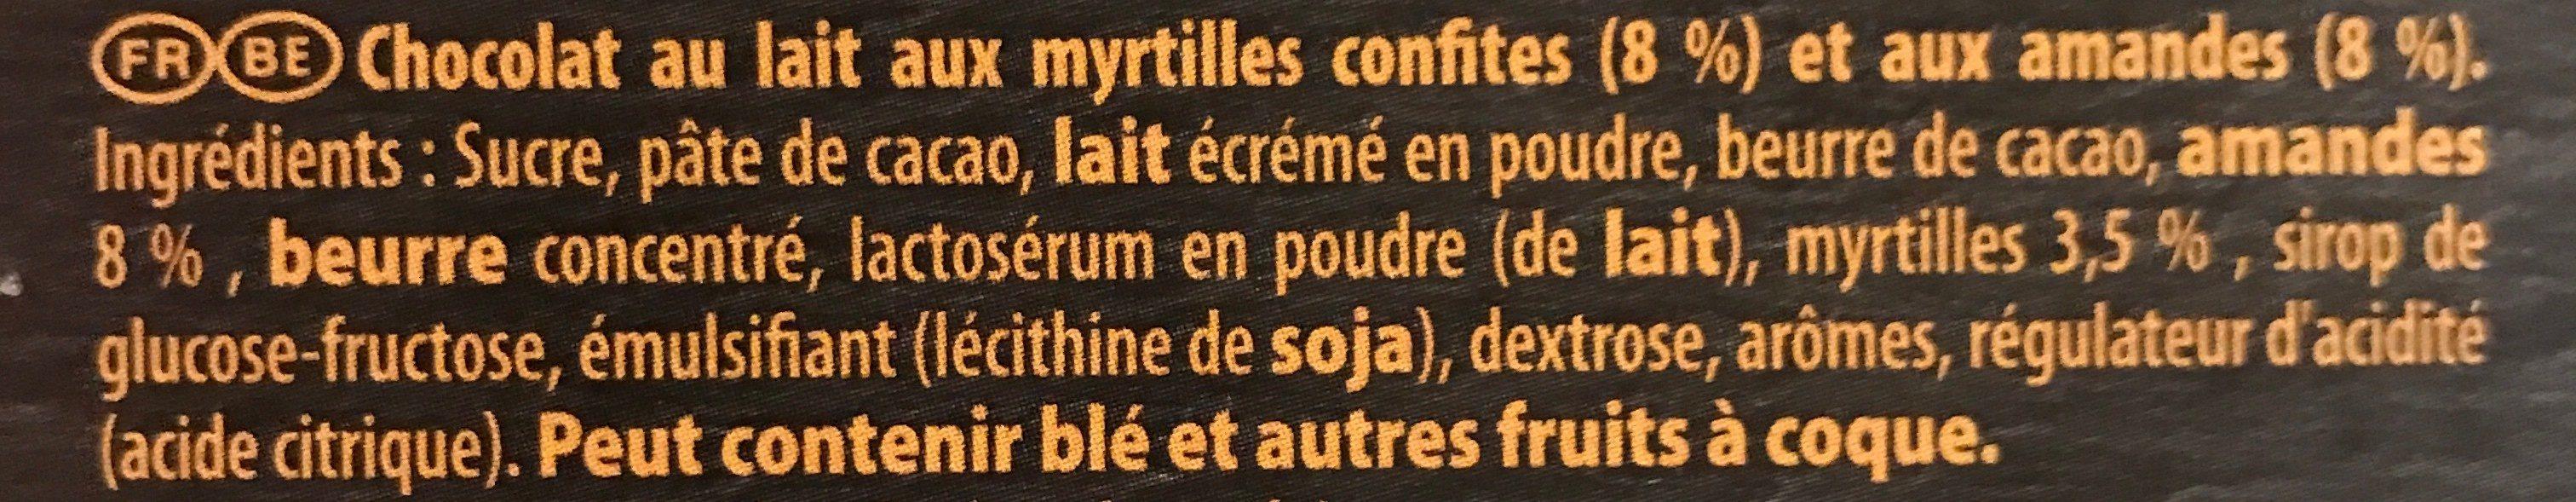 Chocolat au lait aux myrtilles confites et aux amandes - Ingrediënten - fr